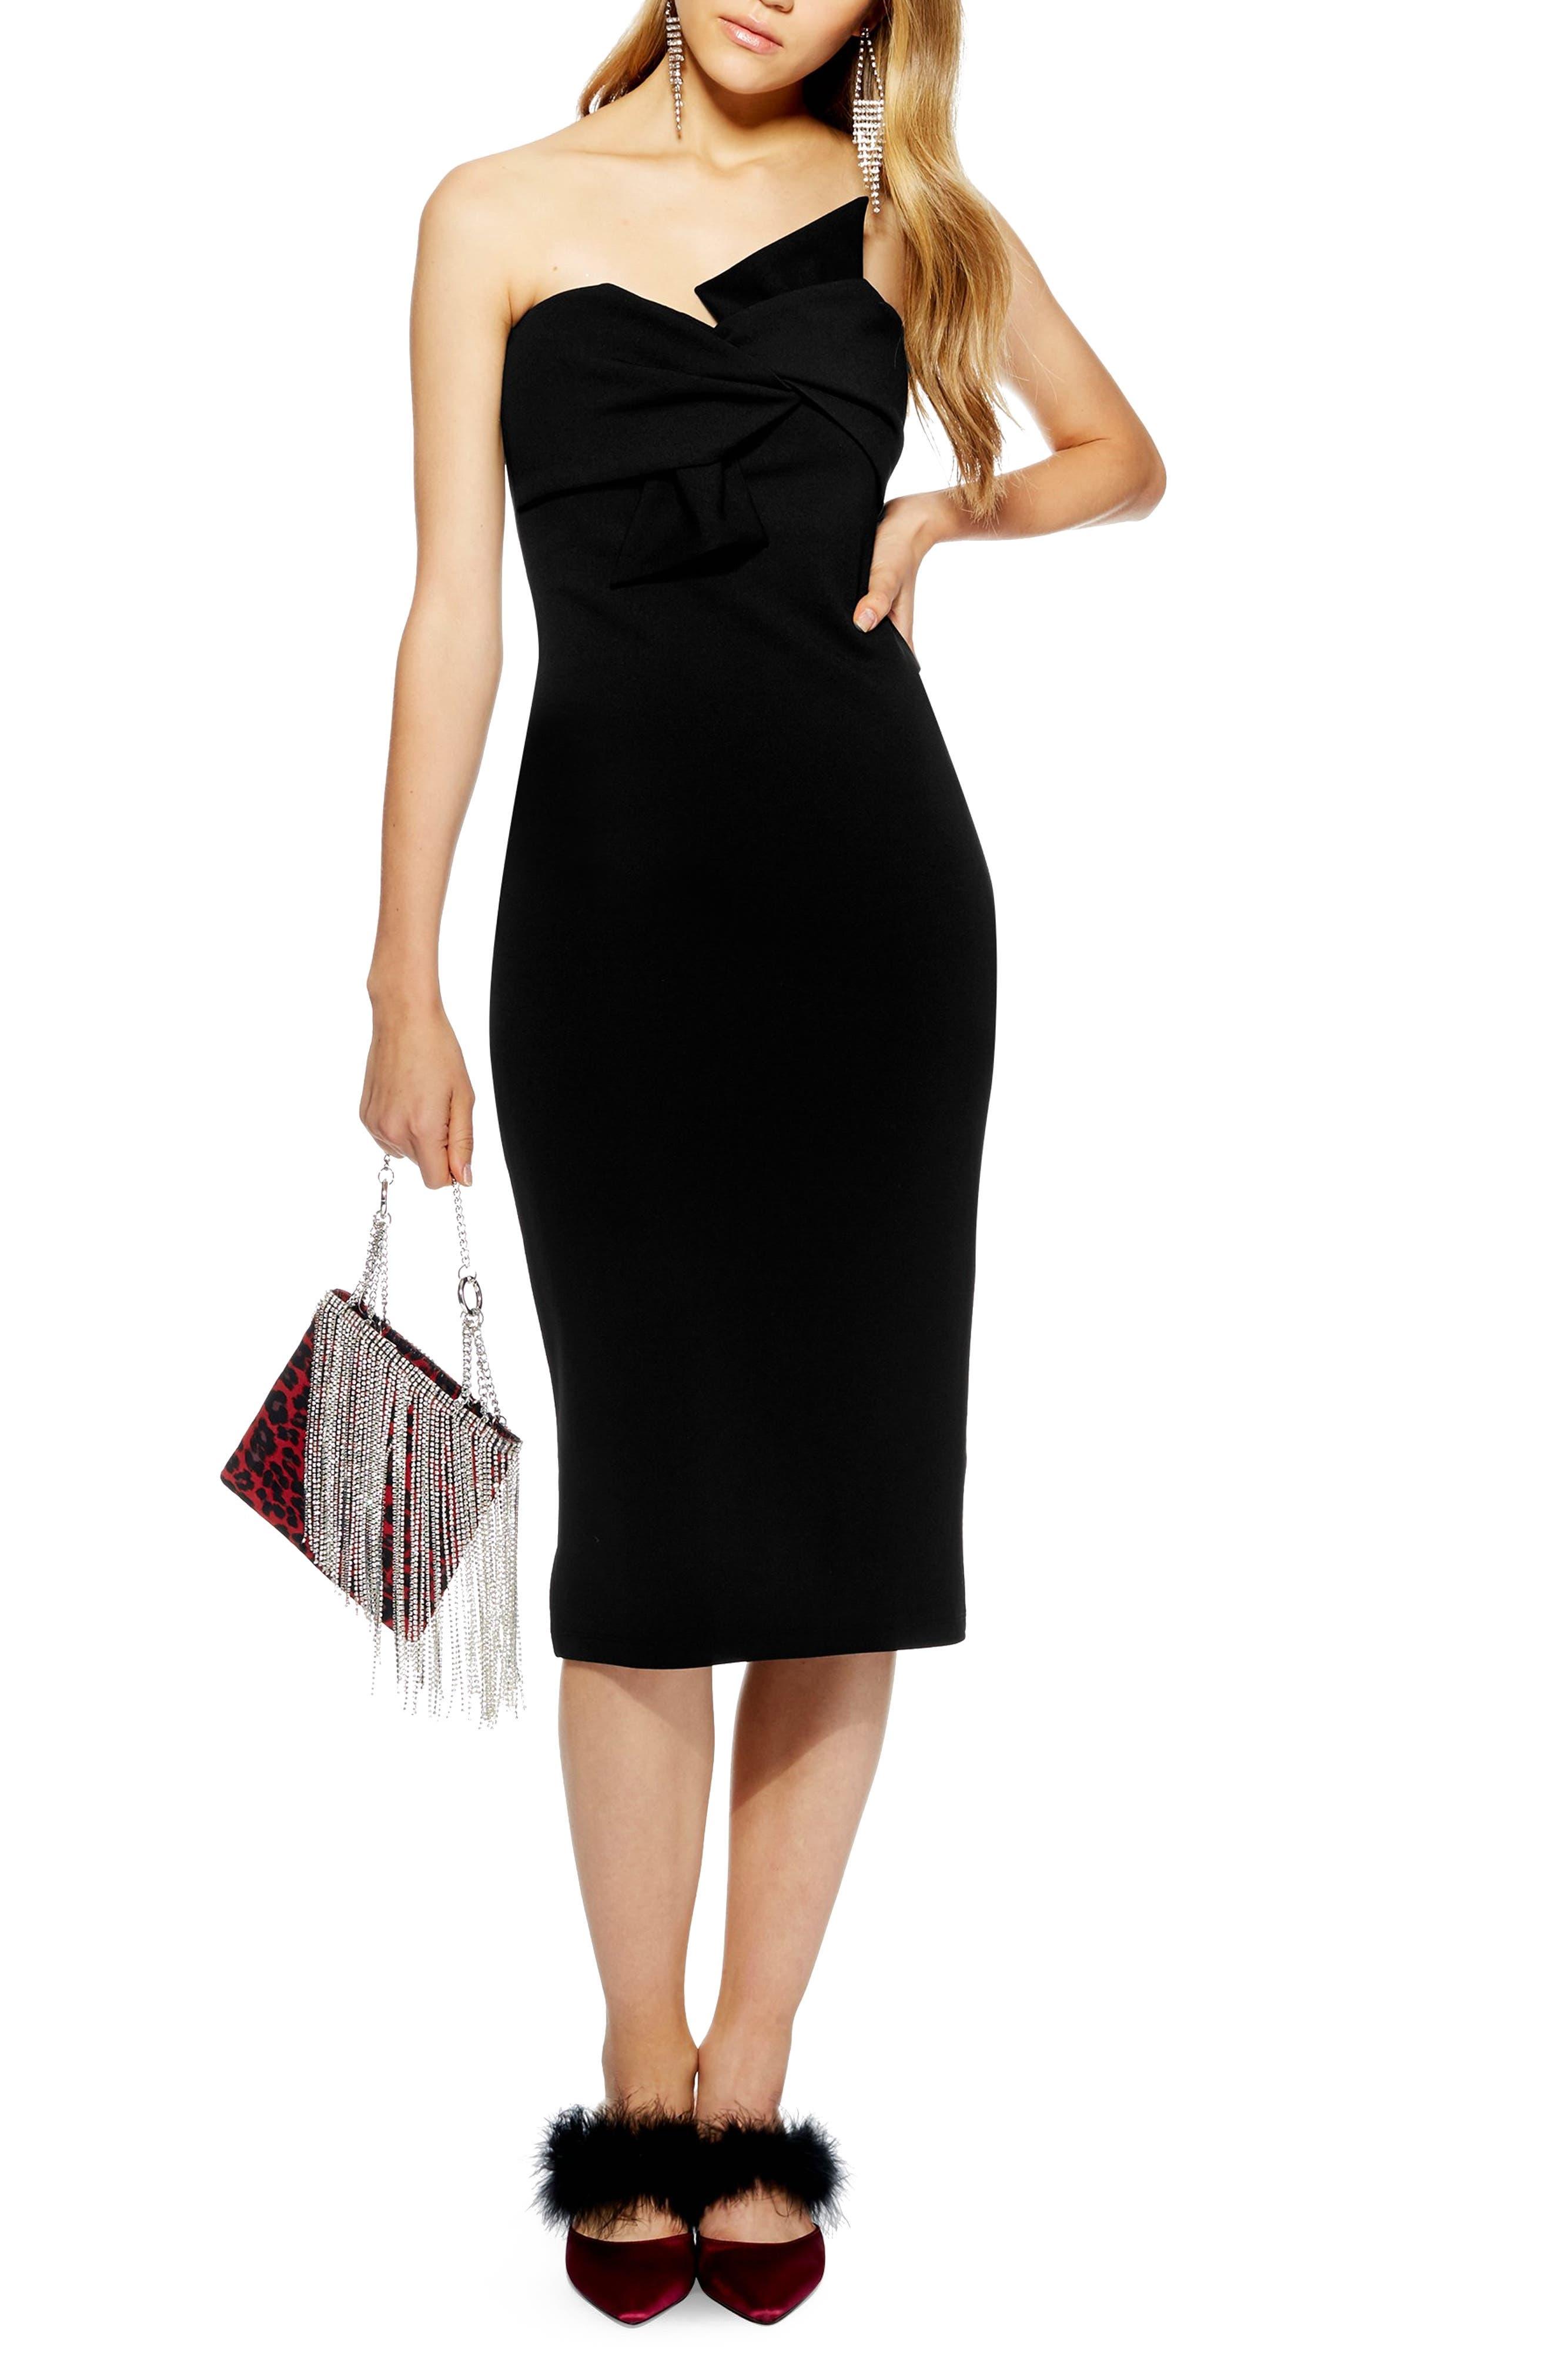 Topshop Twist Bow Sheath Dress, US (fits like 6-8) - Black